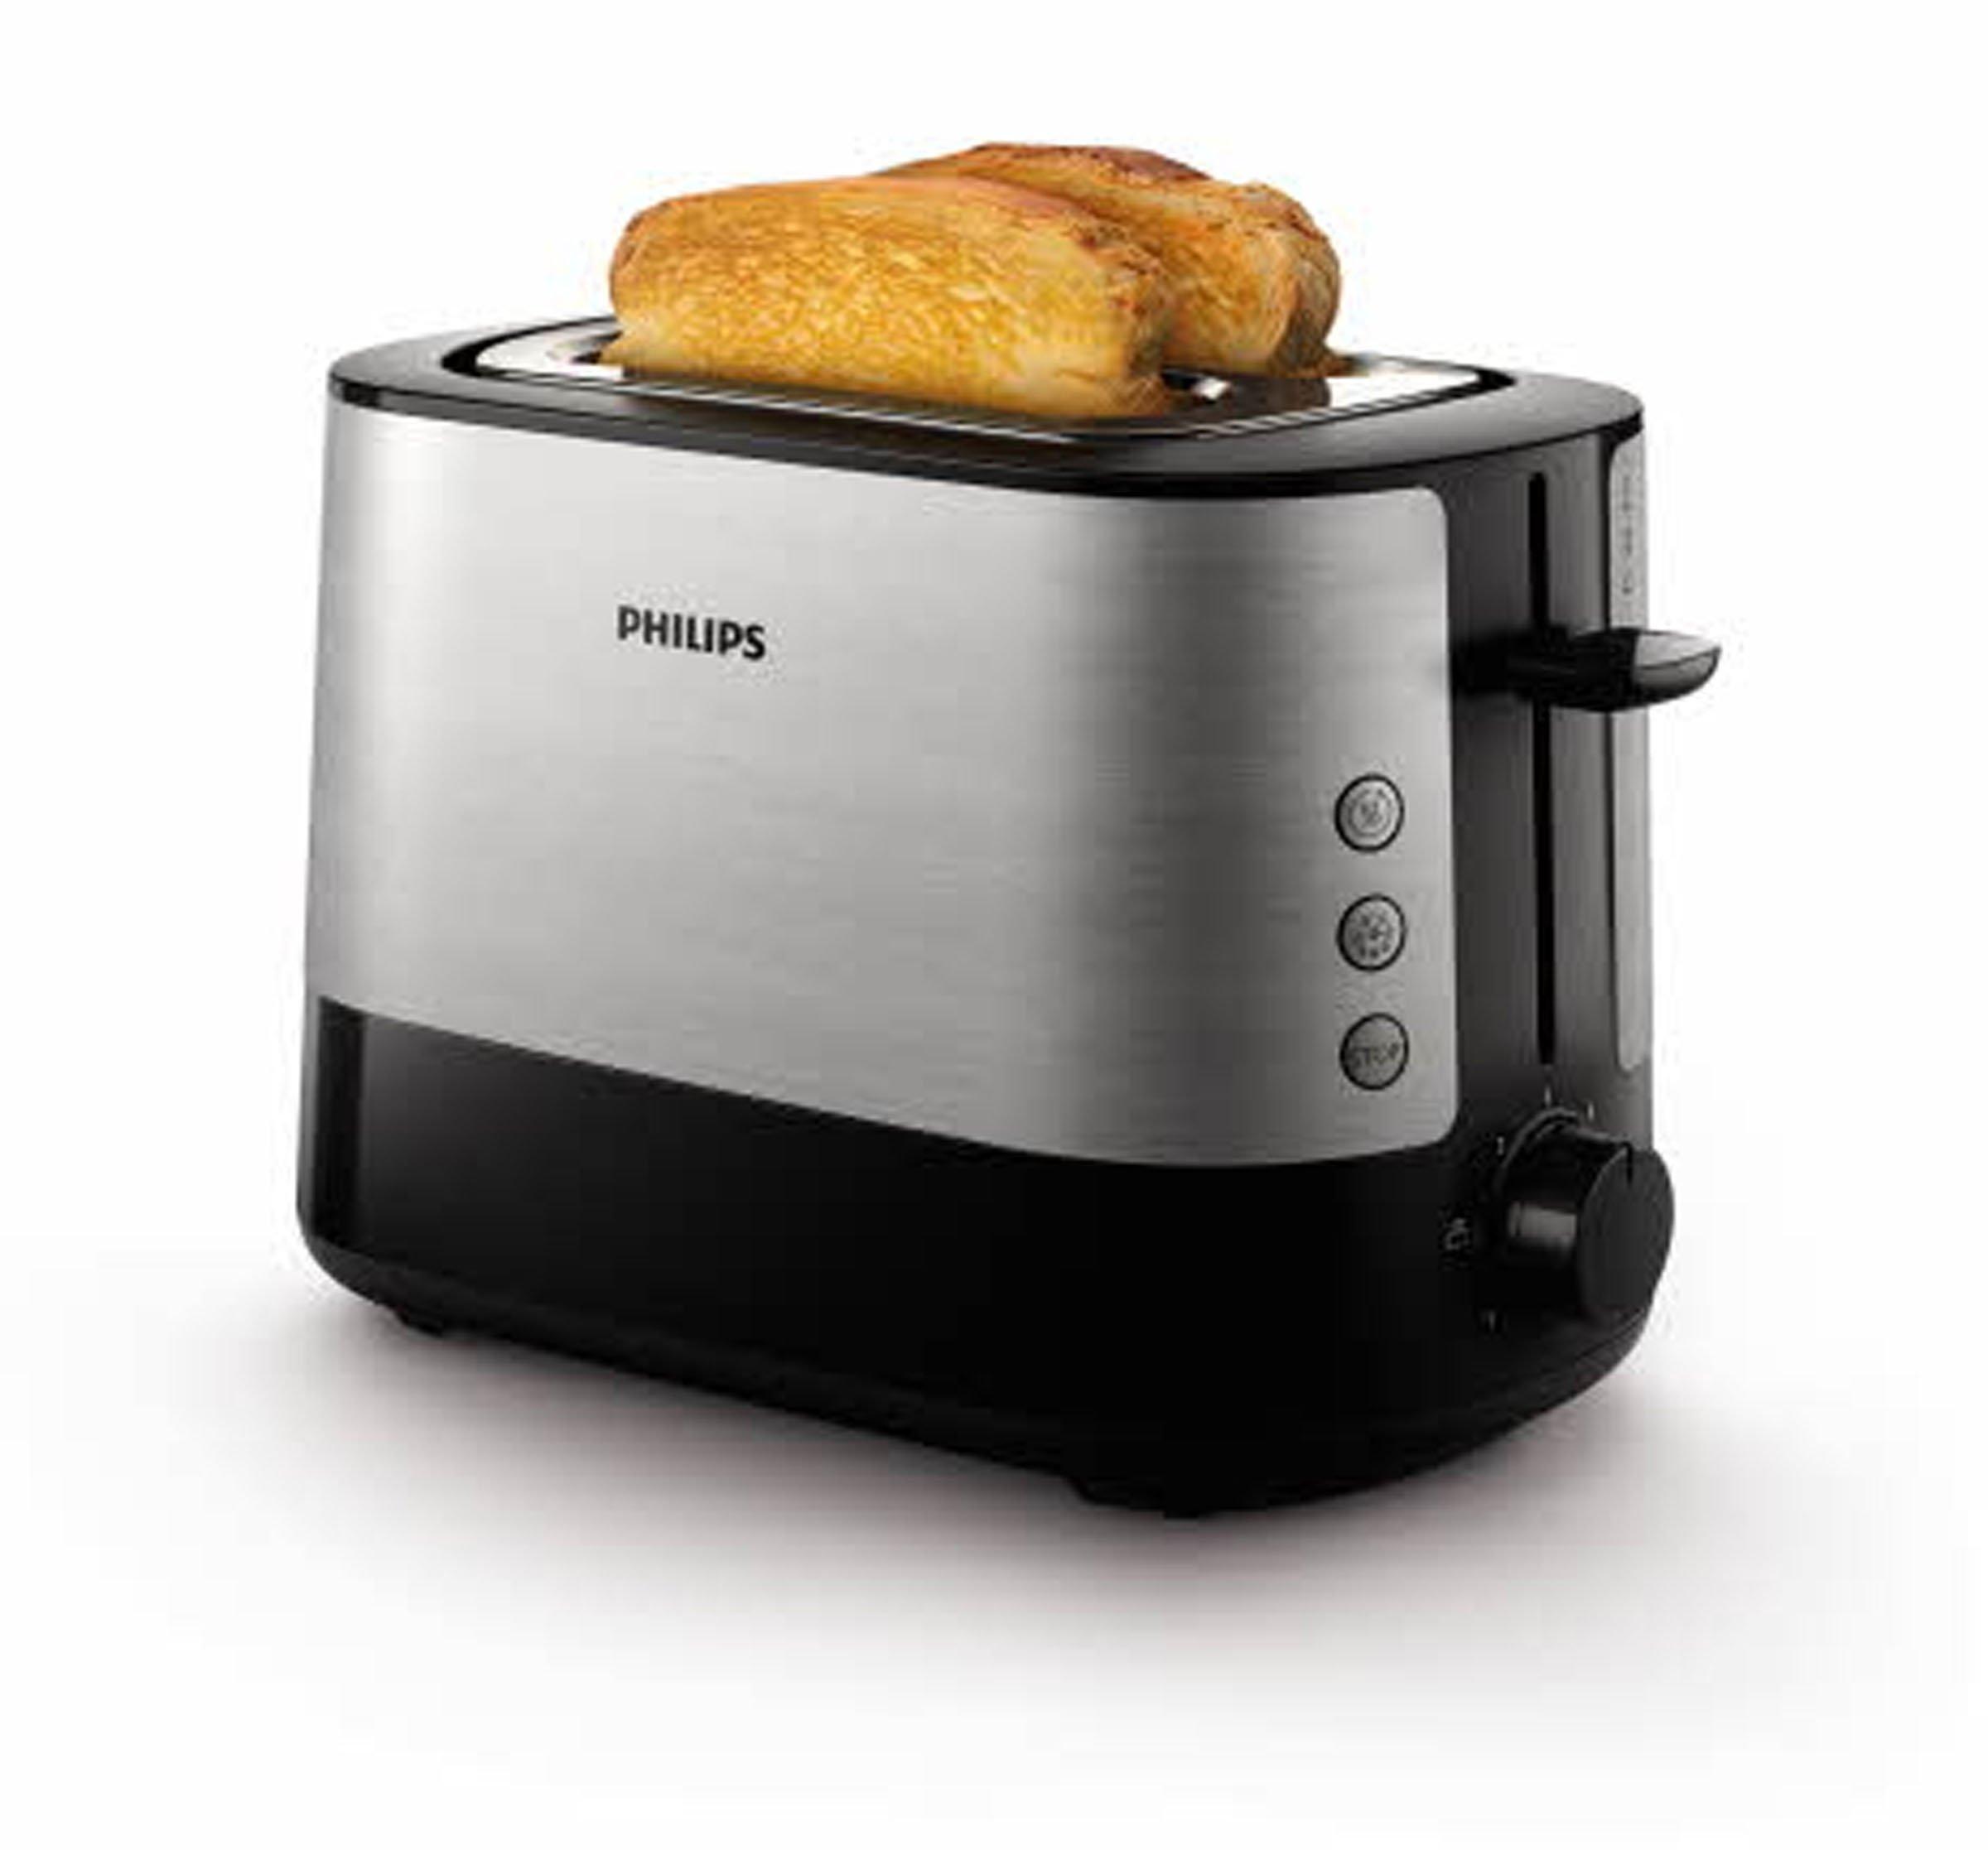 Philips HD2637/90 Grille-Pain avec Fente large Métal/noir 950 W product image